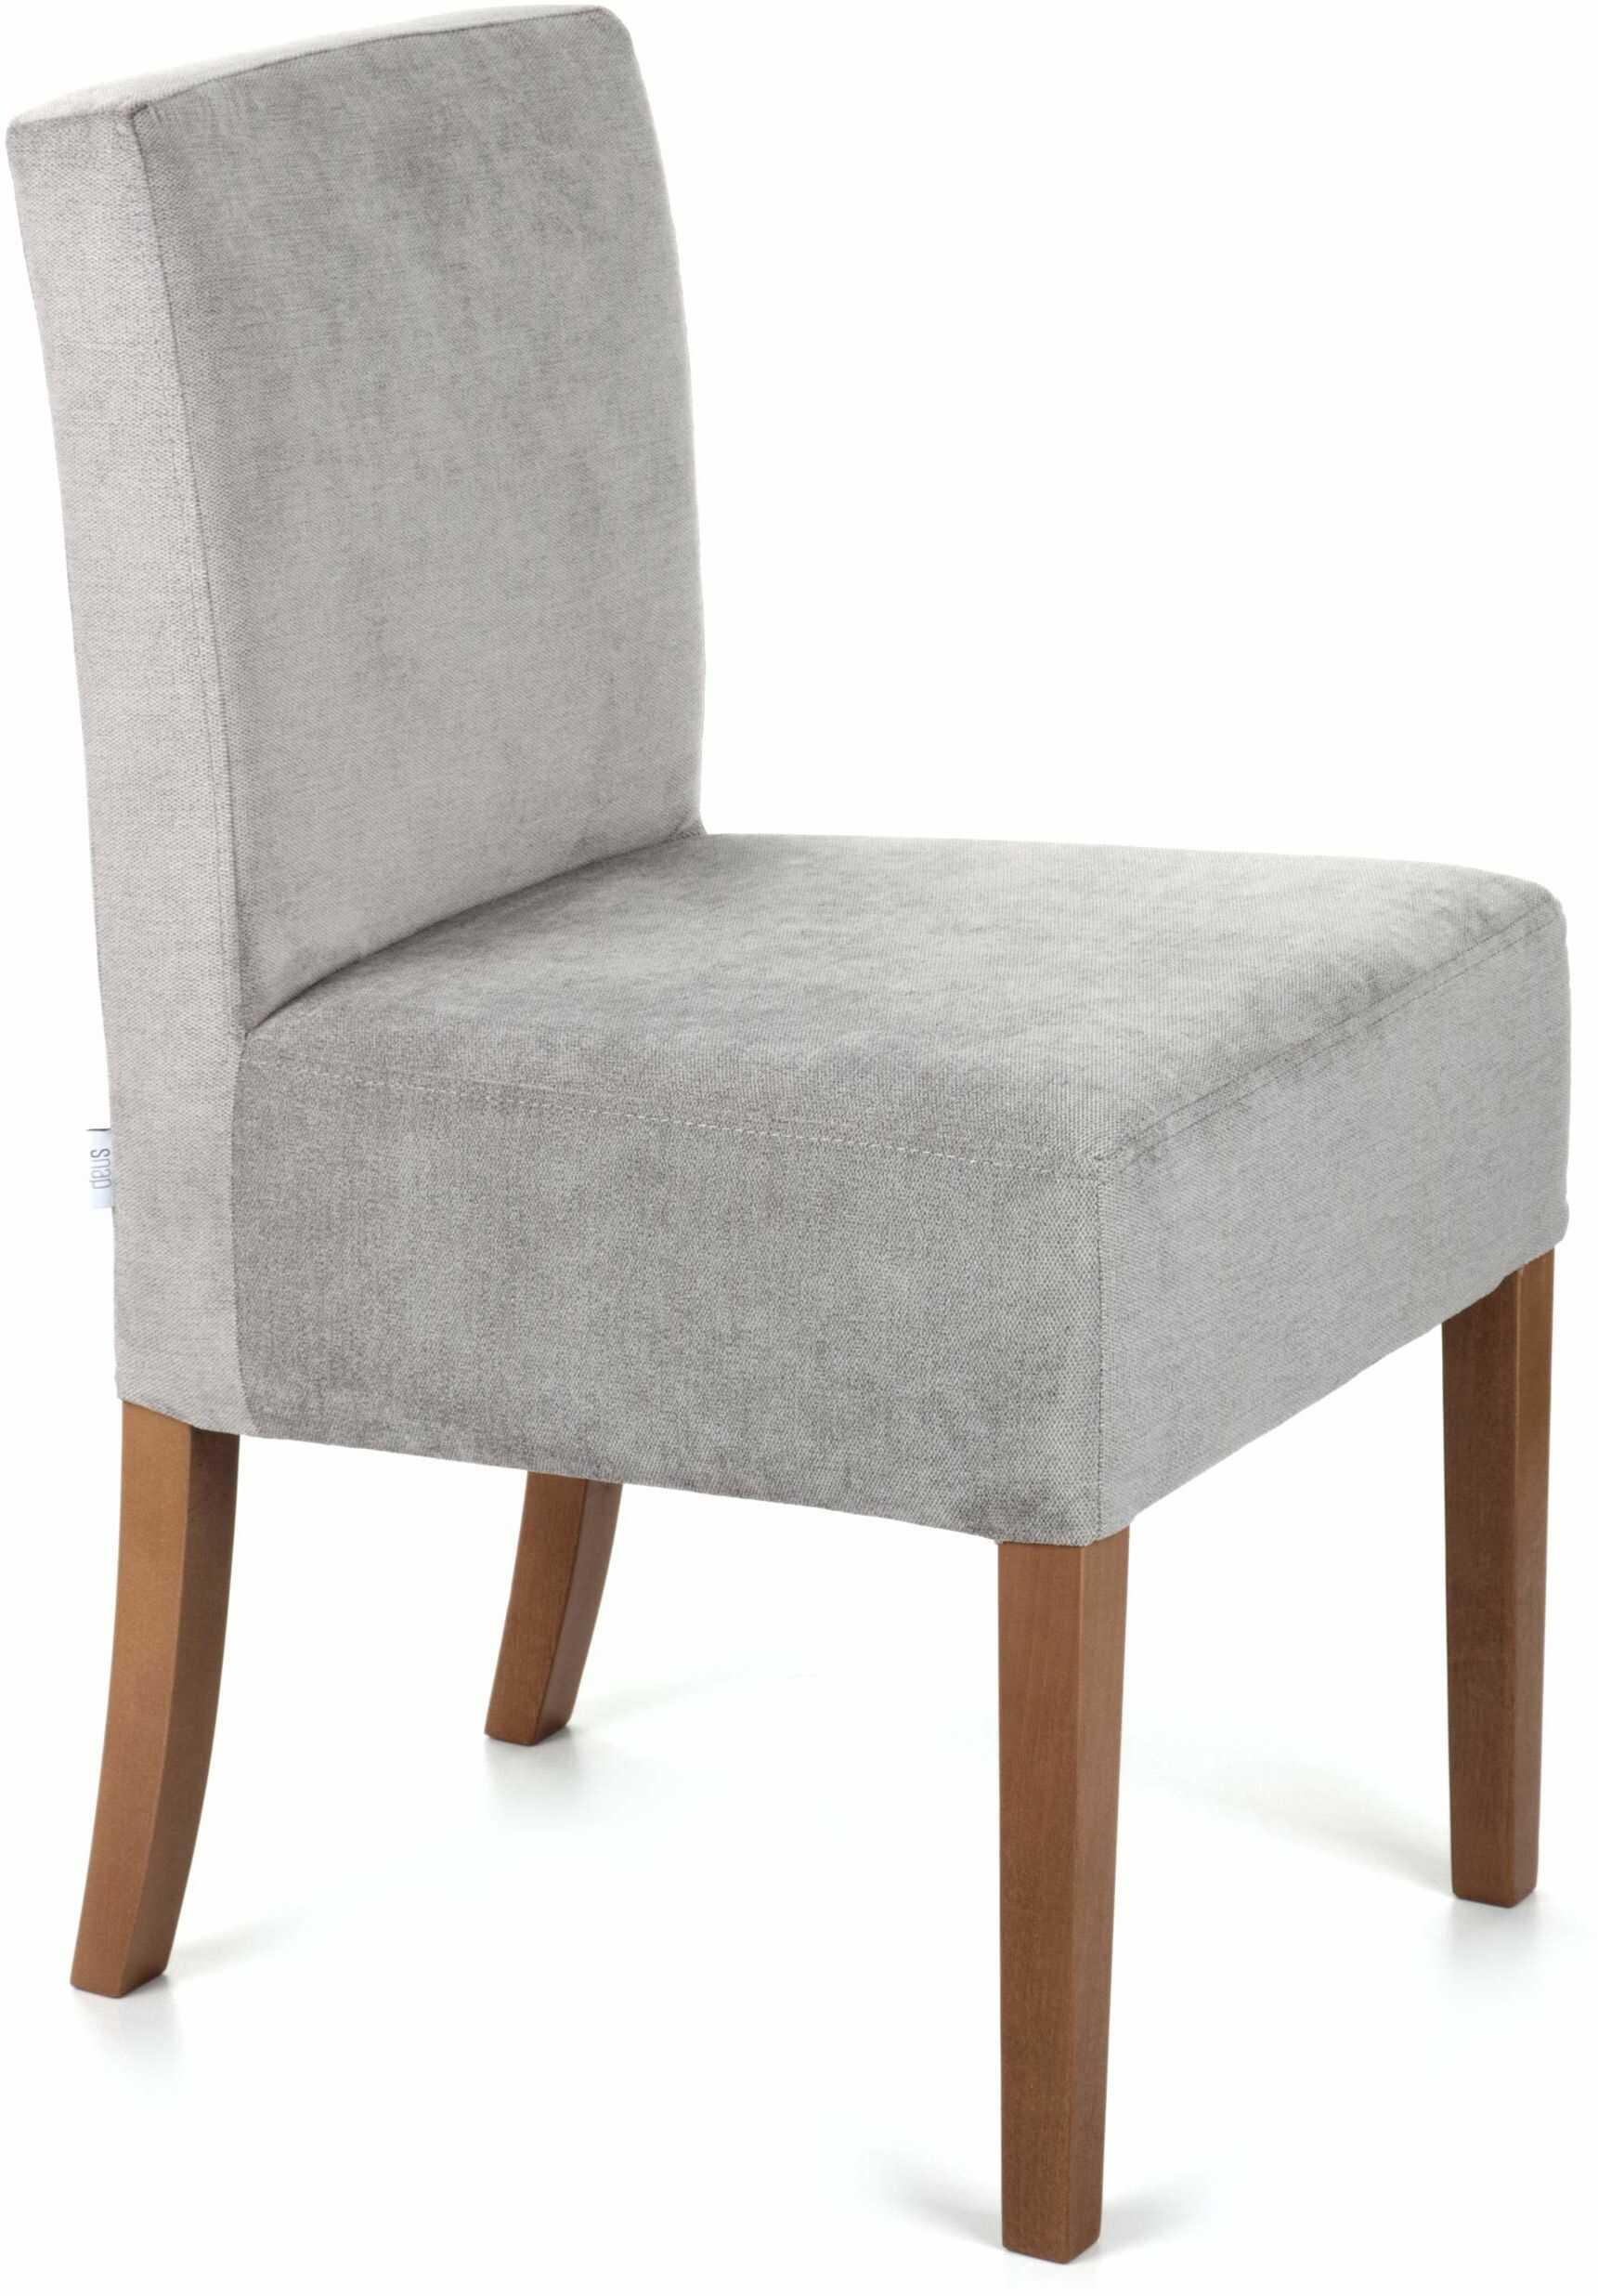 Krzesło Simple 85, proste, klasyczne, o optymalnej wysokości, tapicerowane, minimalistyczne, w stylu sklandynawskim, wygodne, do jadalni, do kuchni, do restauracji